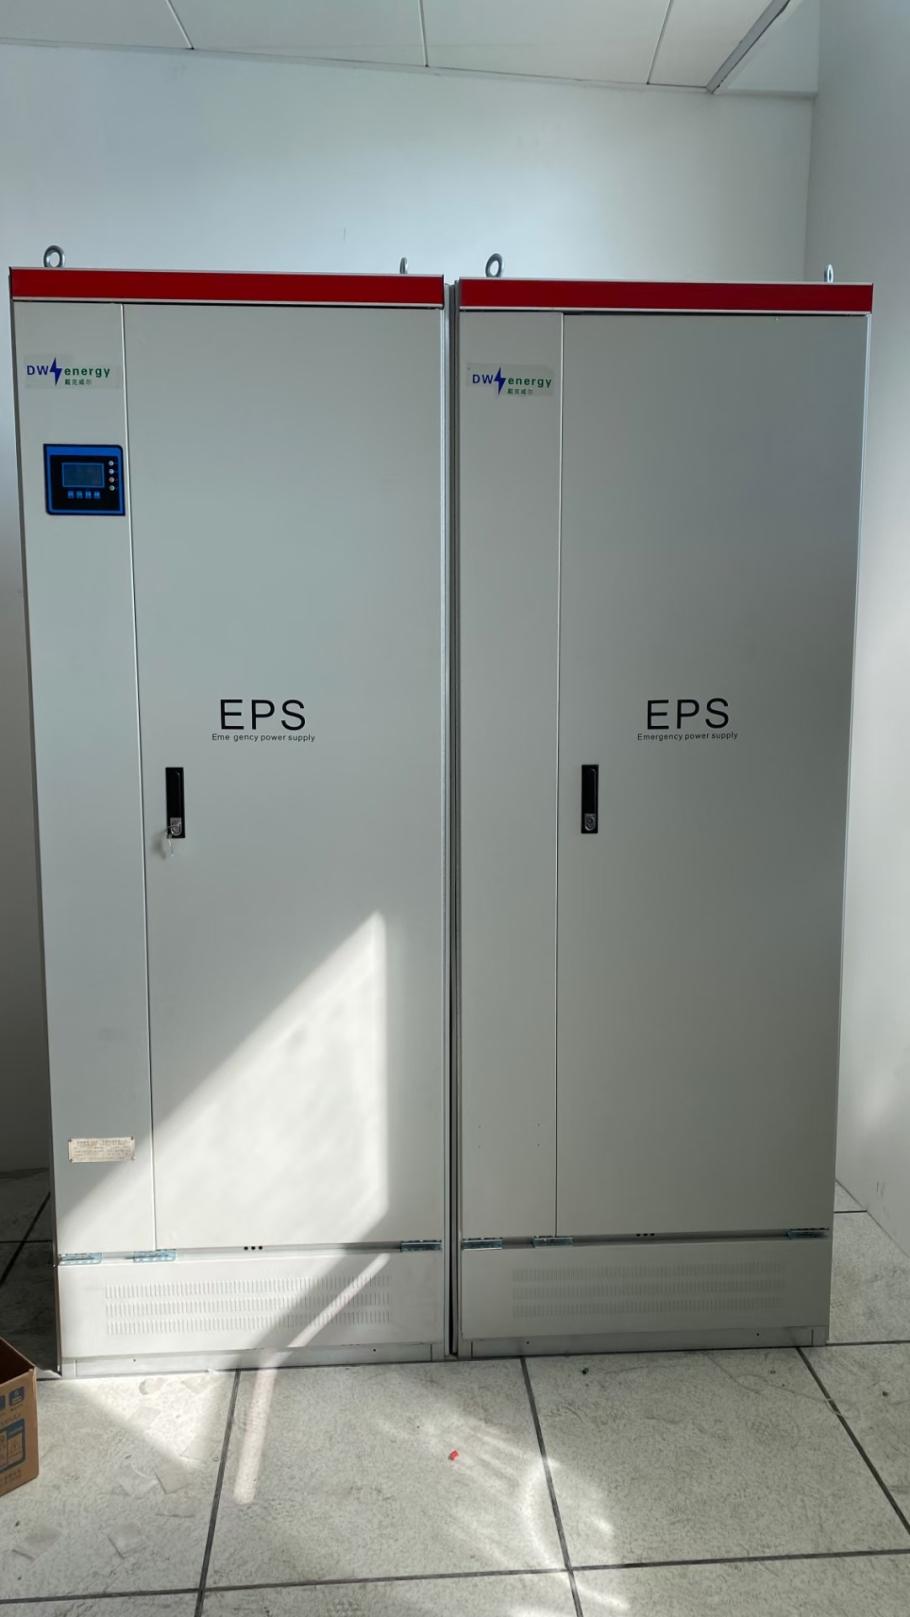 消防电源柜EPS22KW30KW37KW报价873363852